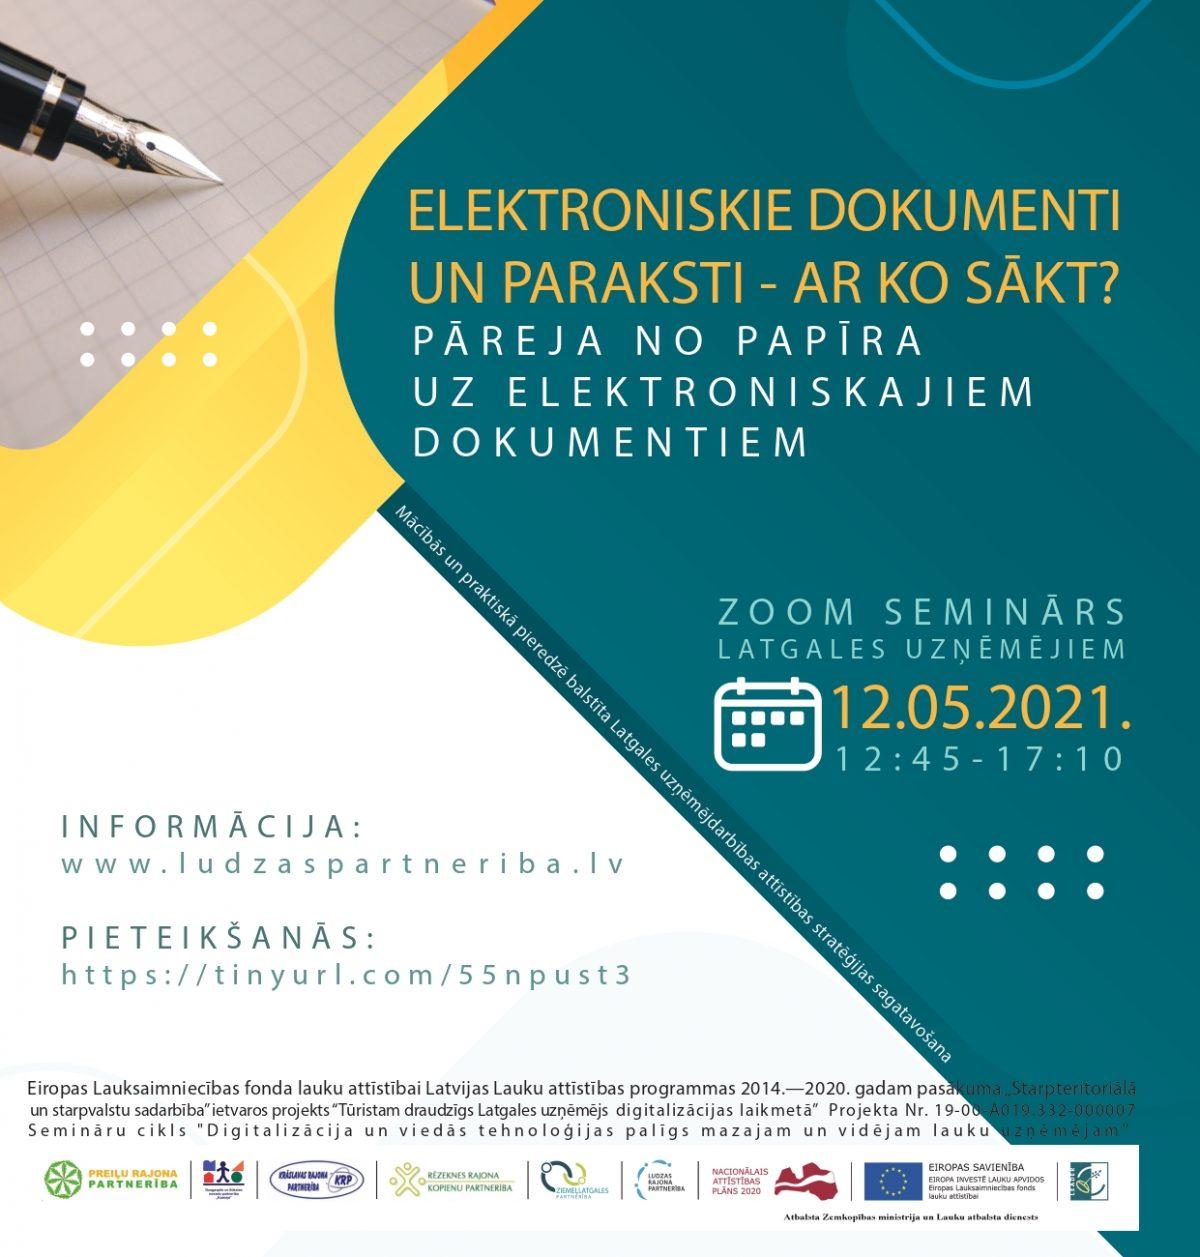 Seminārs par elektronisko dokumentu un parakstu izmantošanu